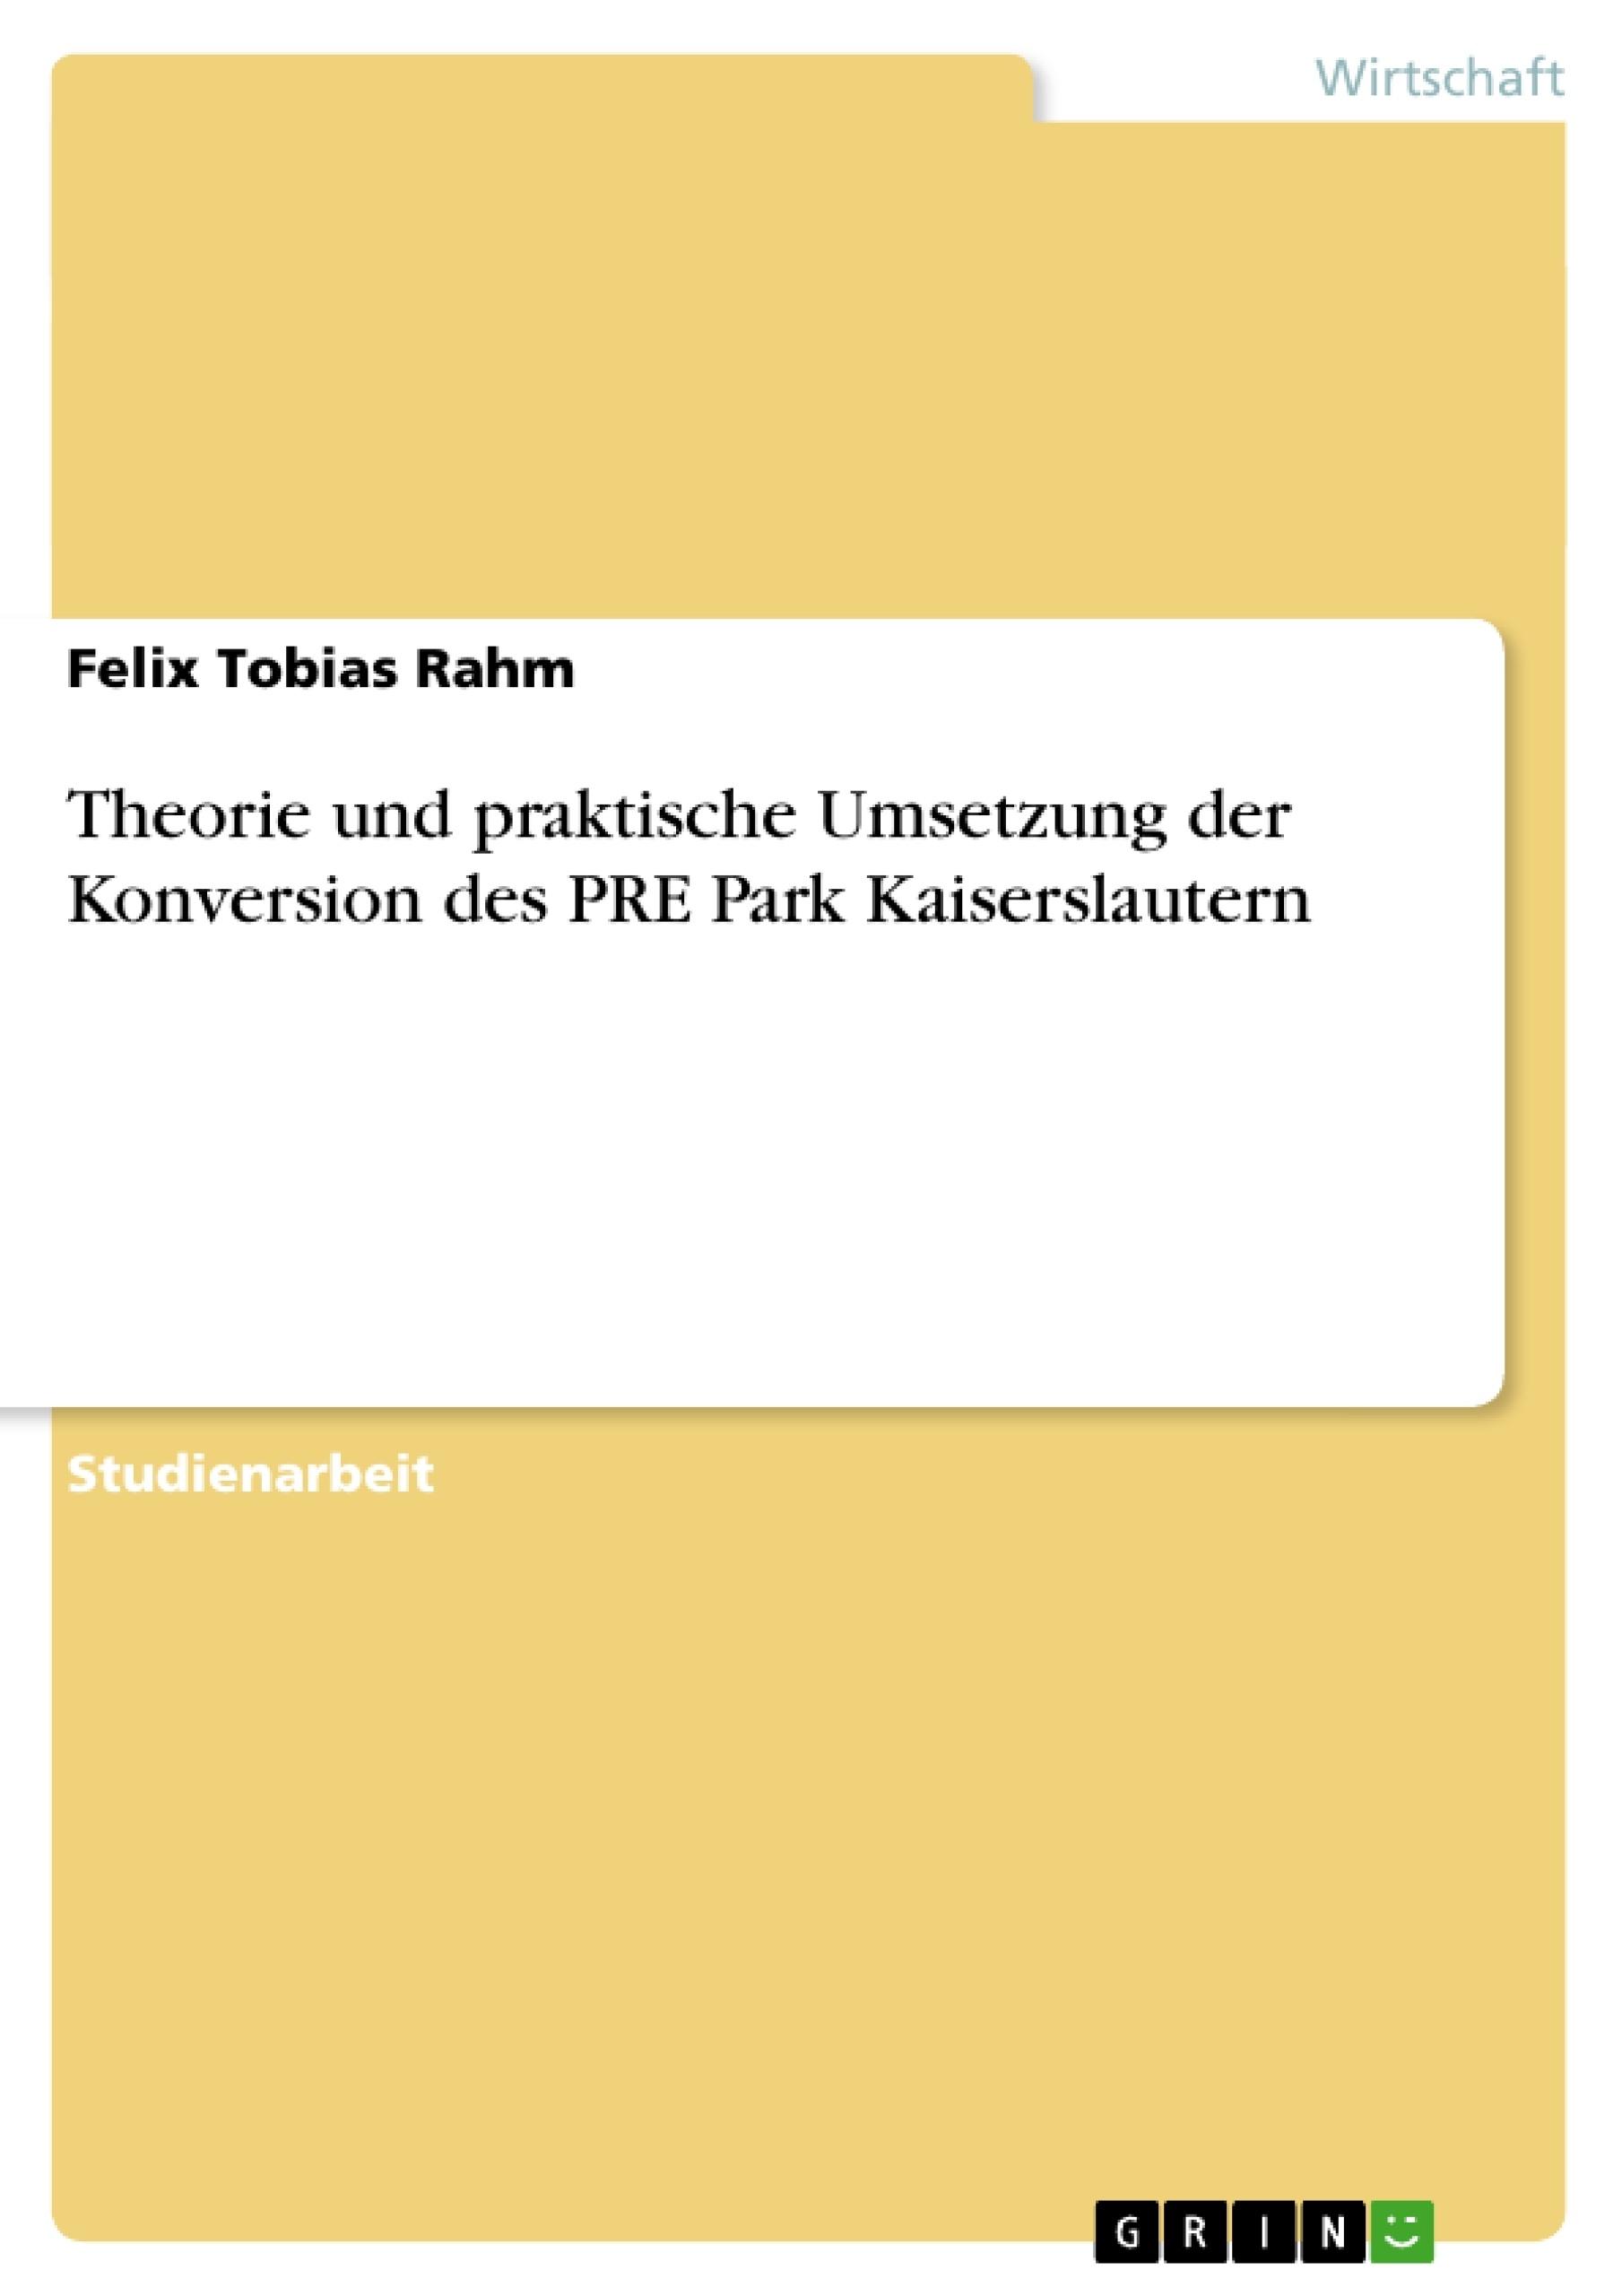 Titel: Theorie und praktische Umsetzung der Konversion des PRE Park Kaiserslautern